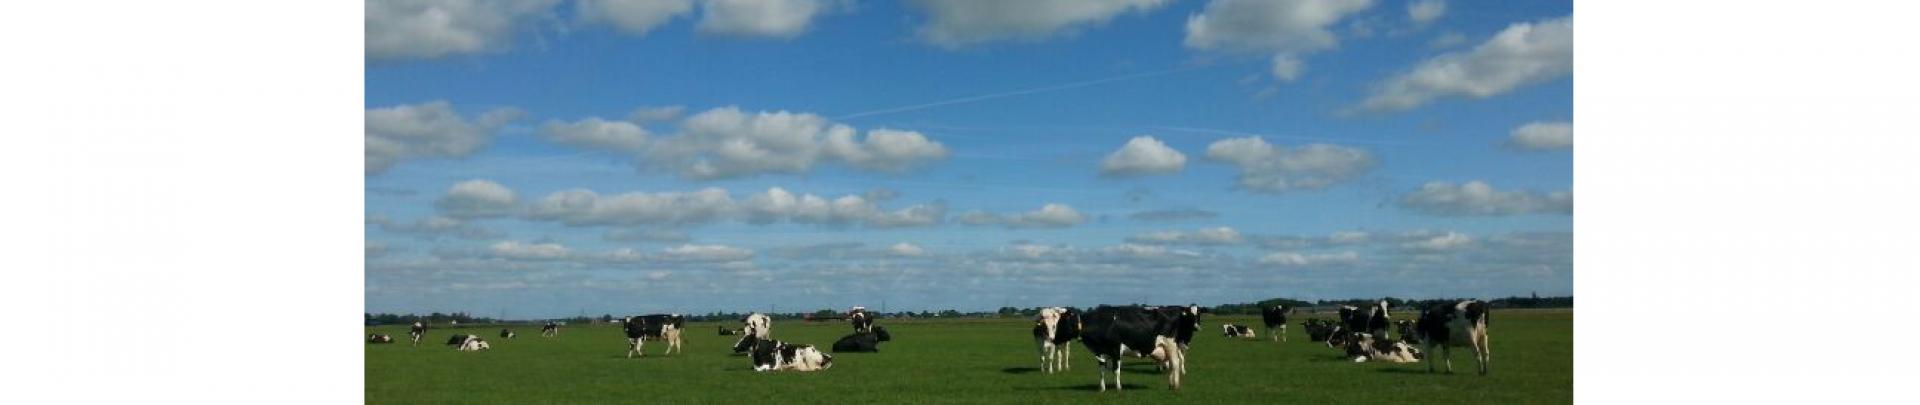 koeien voor de keuring